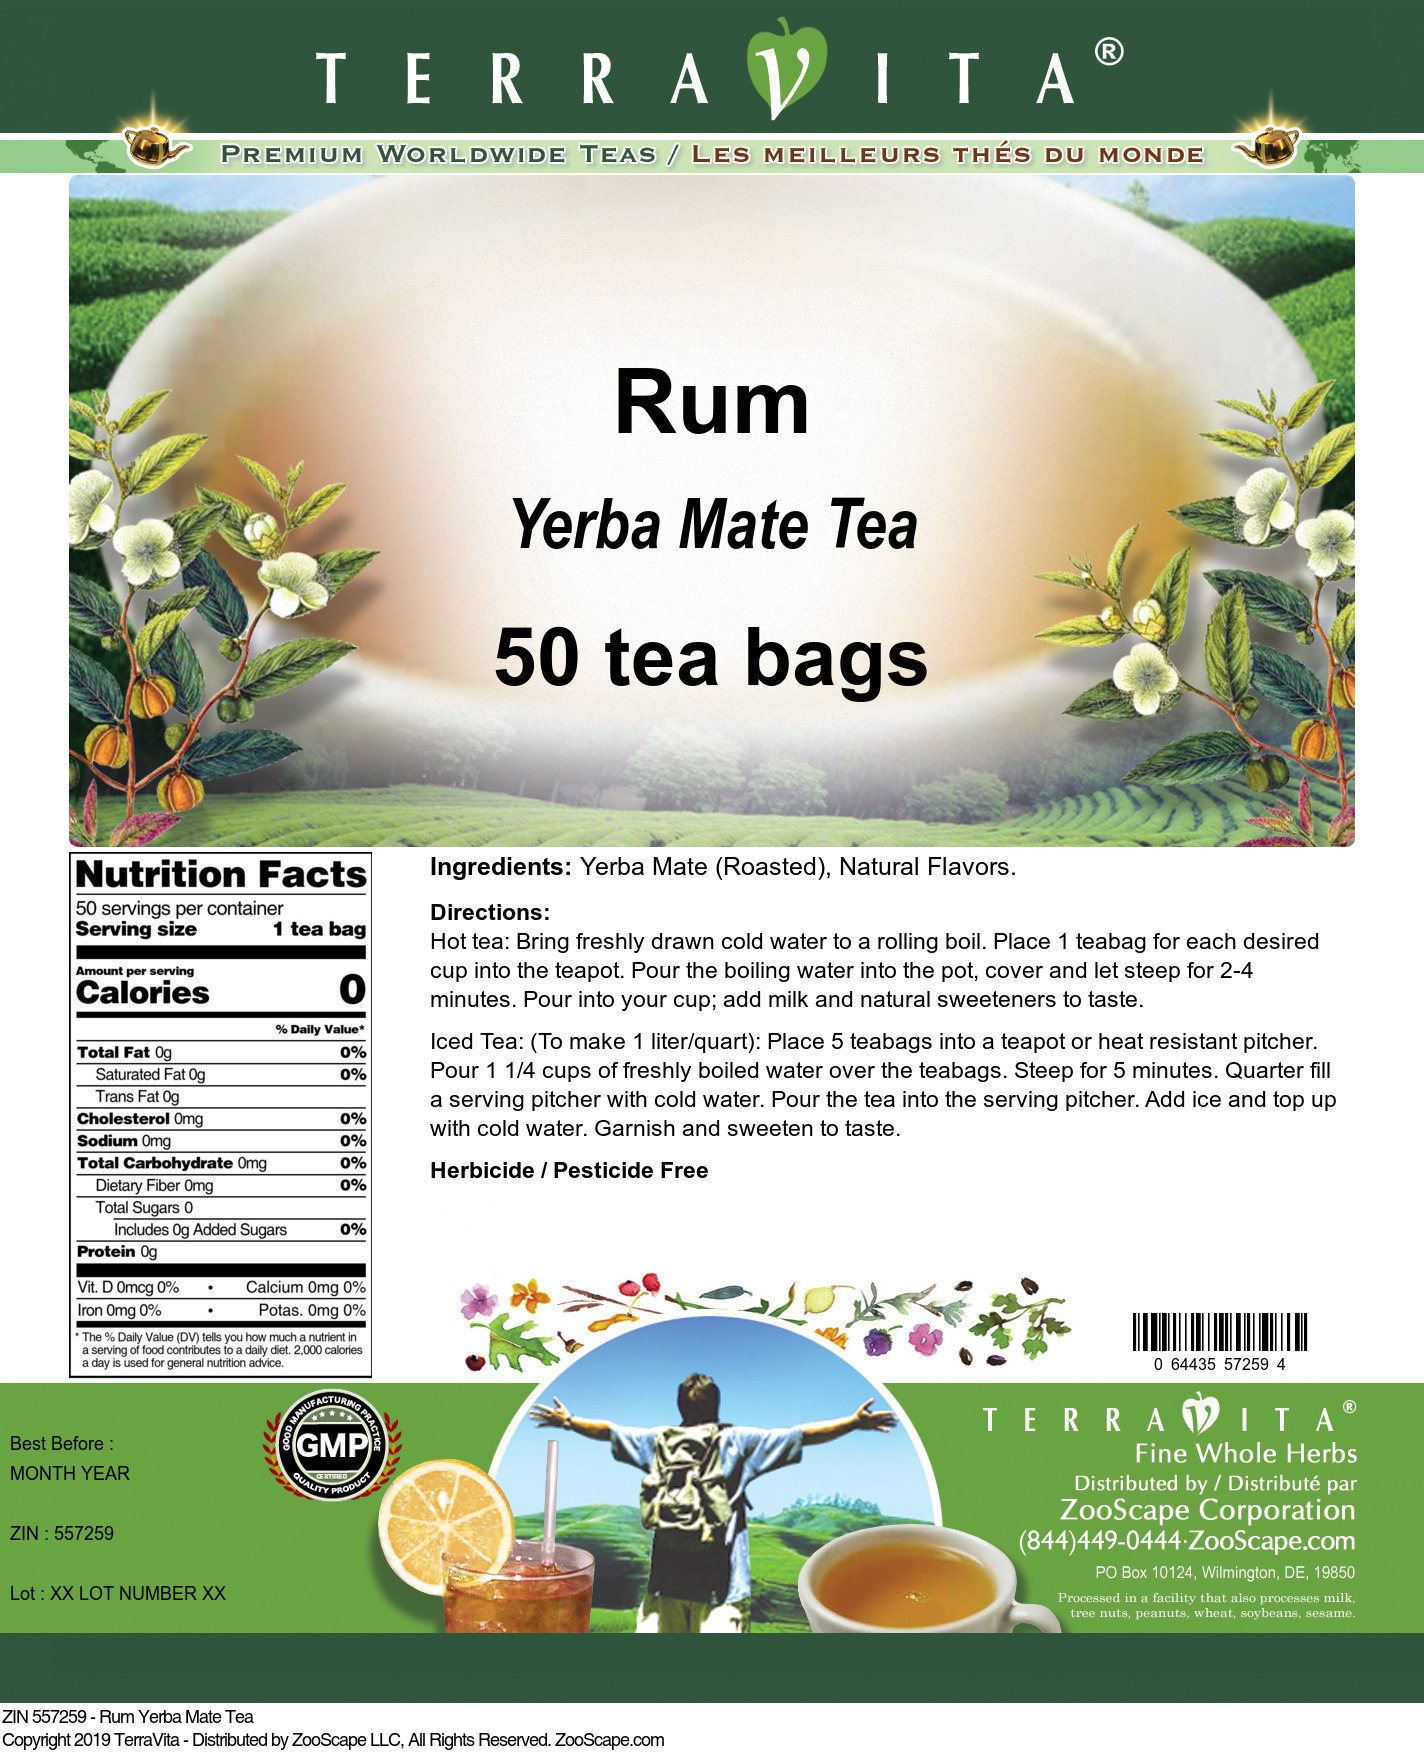 Rum Yerba Mate Tea